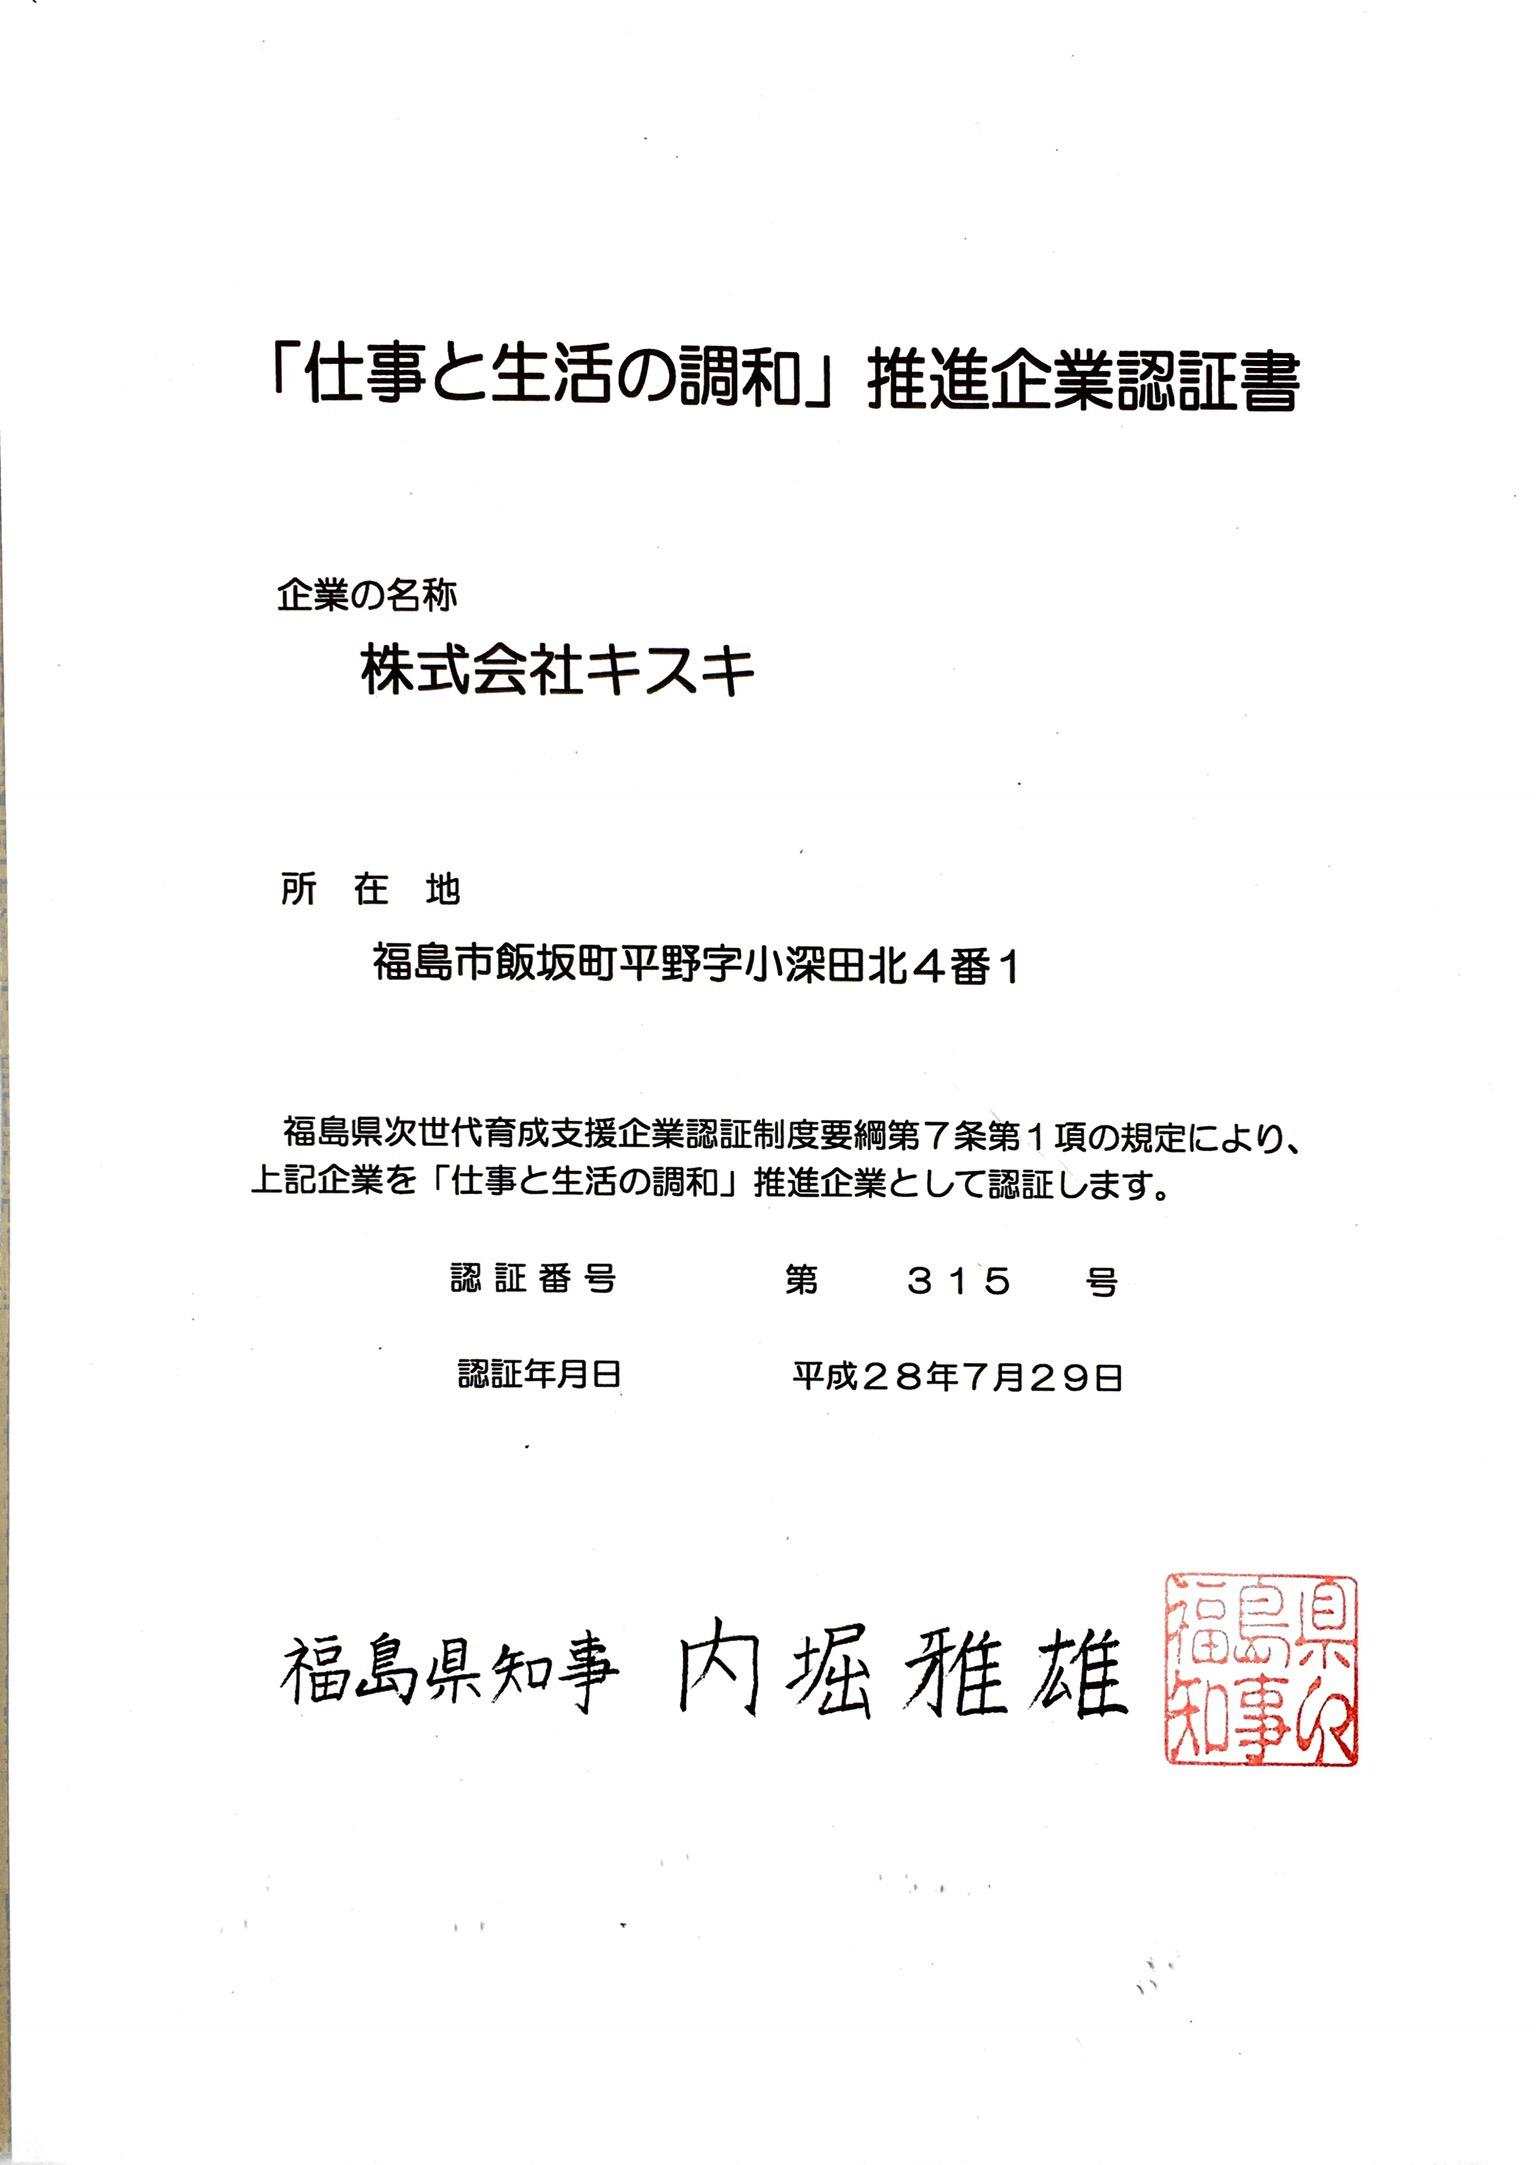 「仕事と生活の調和」推進企業認証書